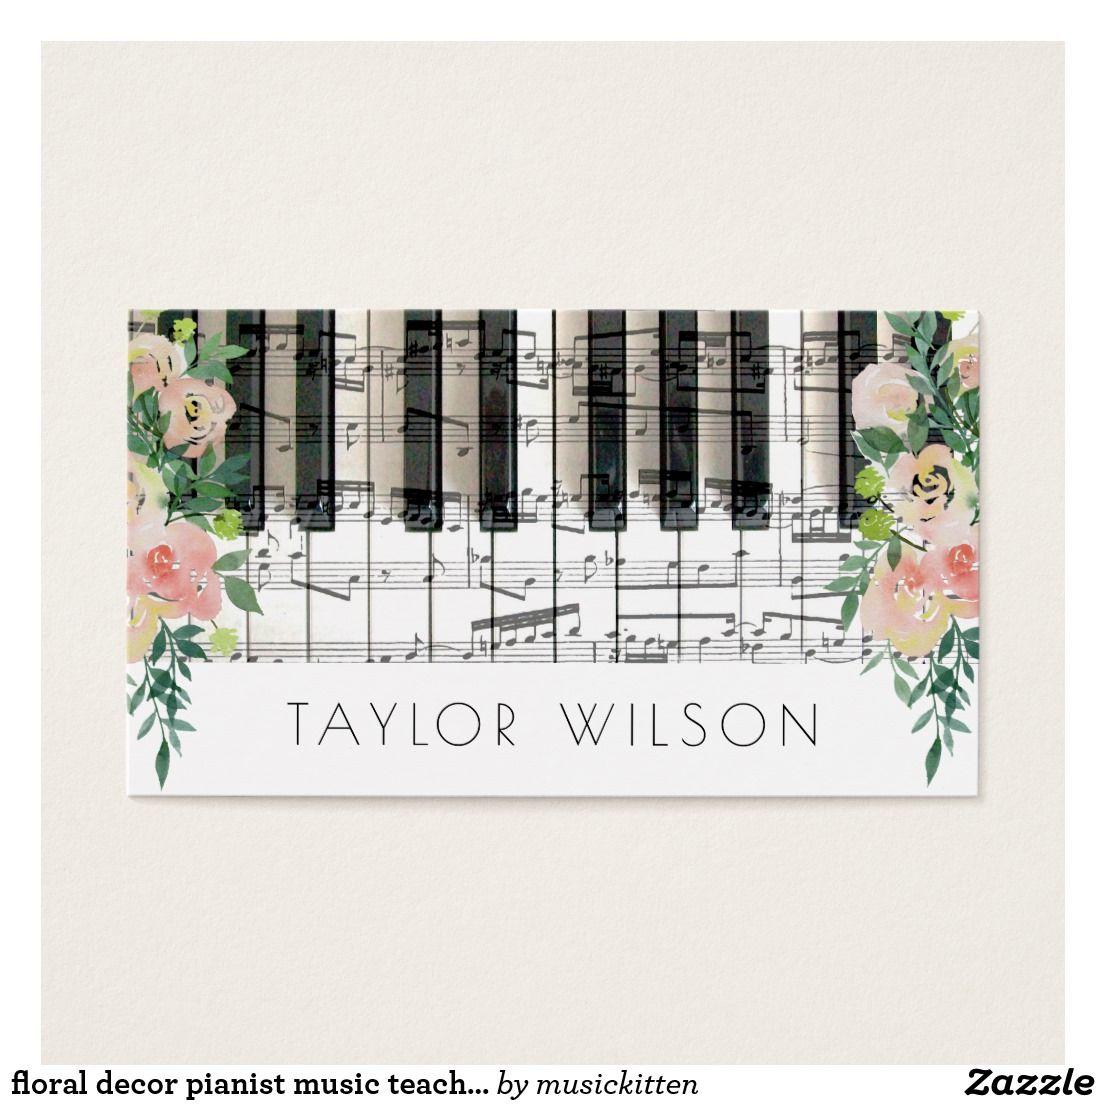 Floral decor pianist music teacher business card   Teacher business ...